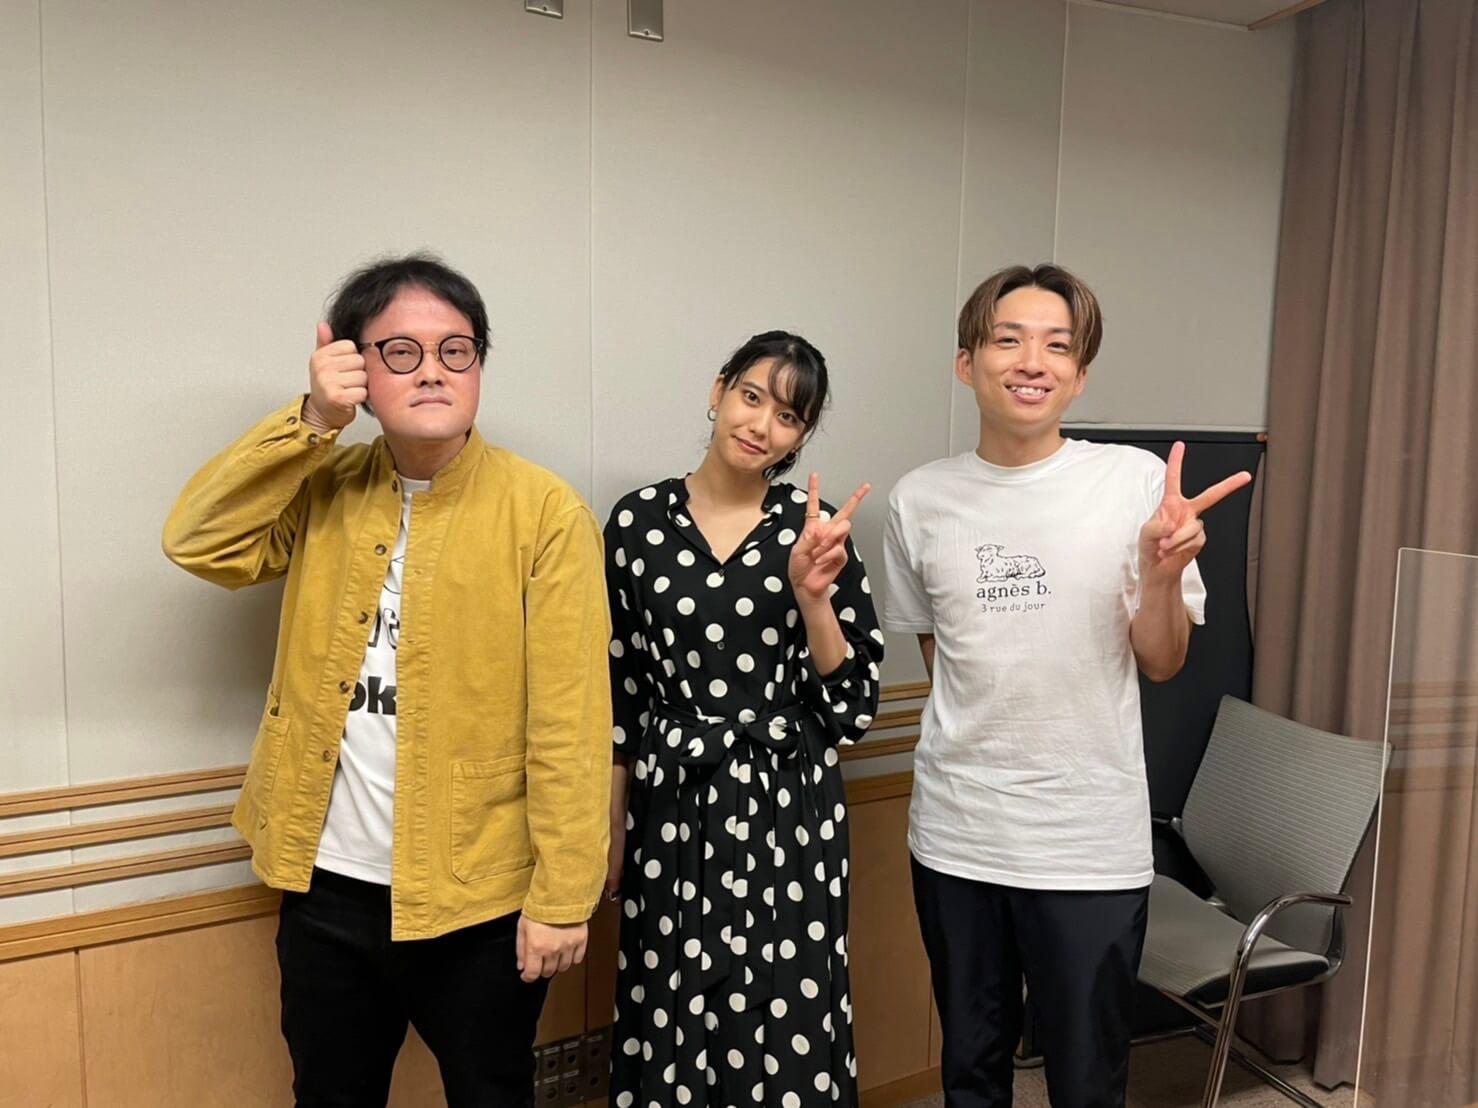 10月10日のゲストはアーティスト・秋山黄色さんが登場!ボートレースCM楽曲「ナイトダンサー」に込められた想いとは・・・『アインシュタイン・山崎紘菜 Heat&Heart!』